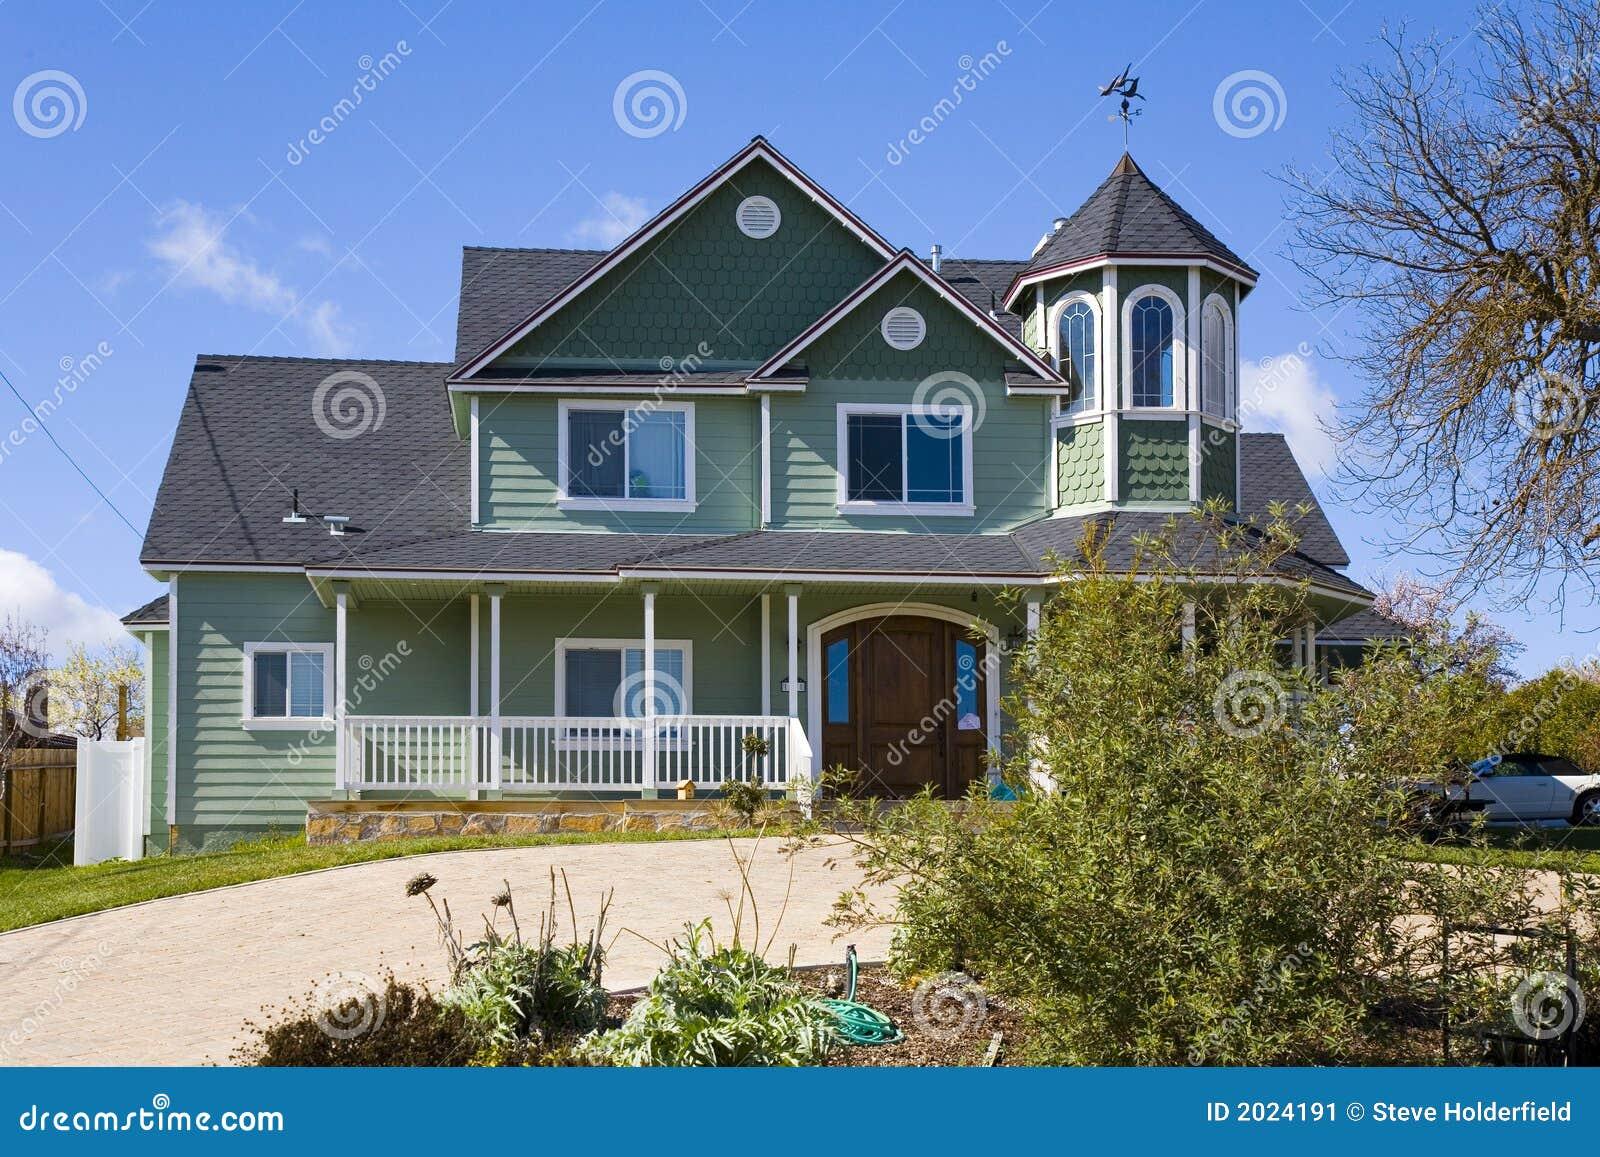 Maison victorienne verte image stock image 2024191 - Maison verte produits d entretien ...